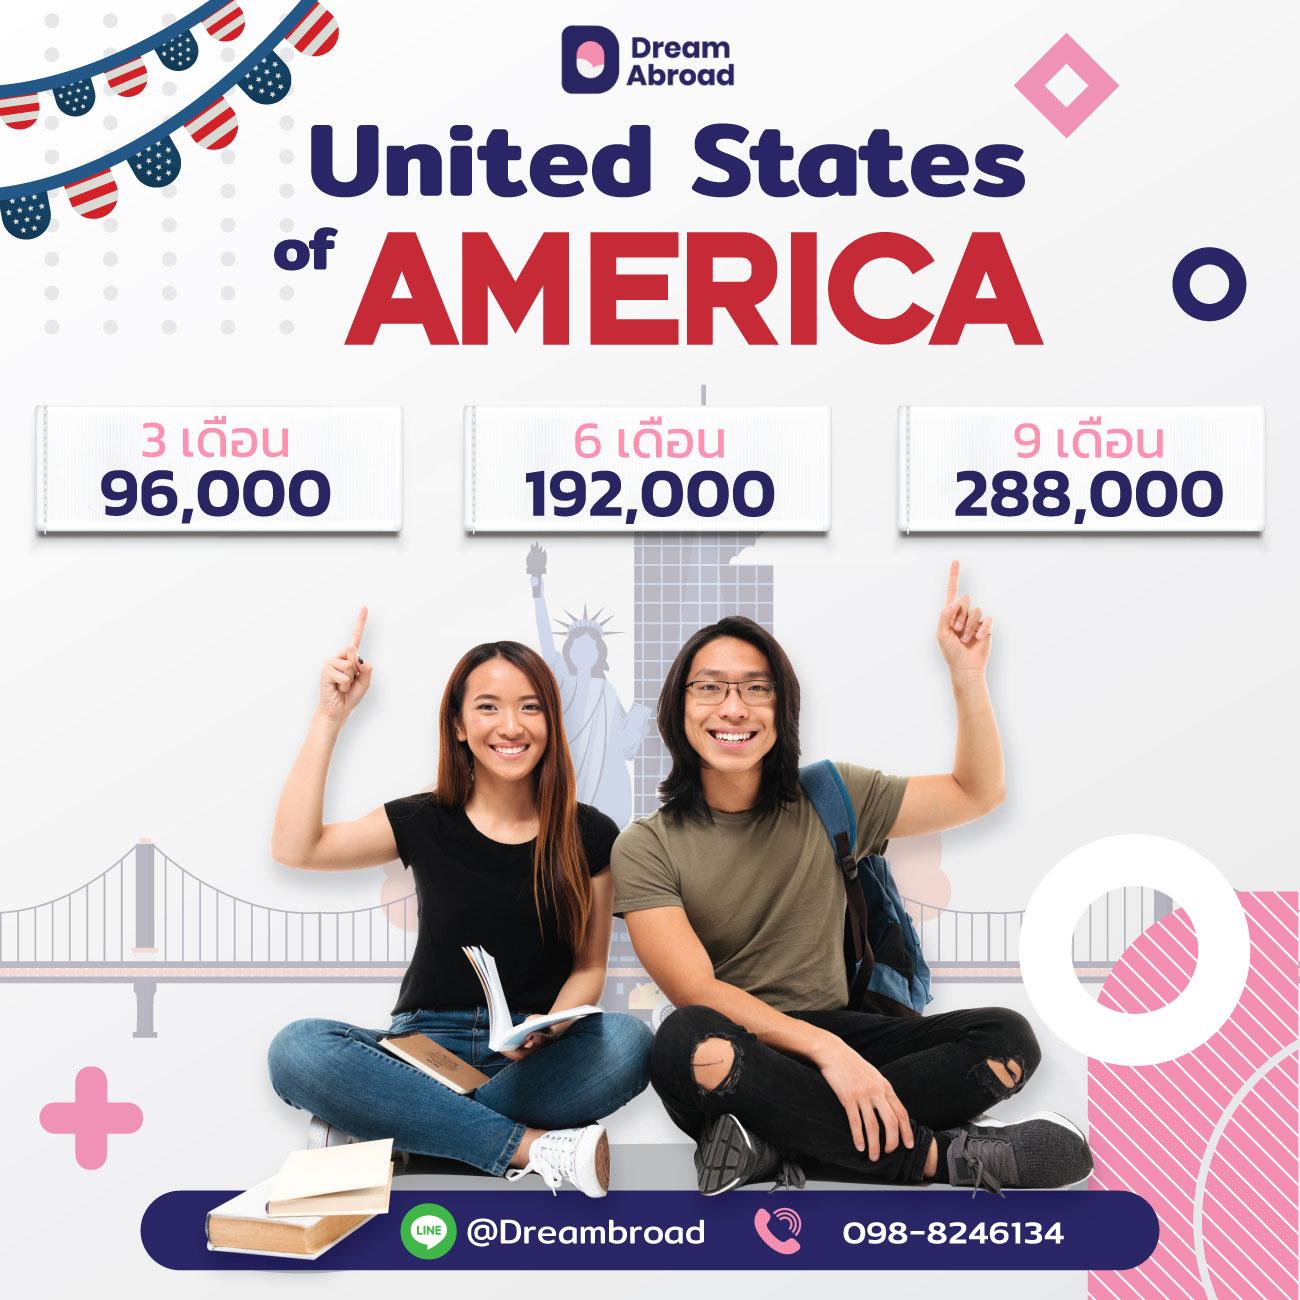 โปรโมชั่นเรียนต่ออเมริกา ,เรียนต่ออเมริกา ,เรียนแอลเอ  ,เรียนซานฟราน  ,เรียนนิวยอร์ค  ,เรียนบอสตัน